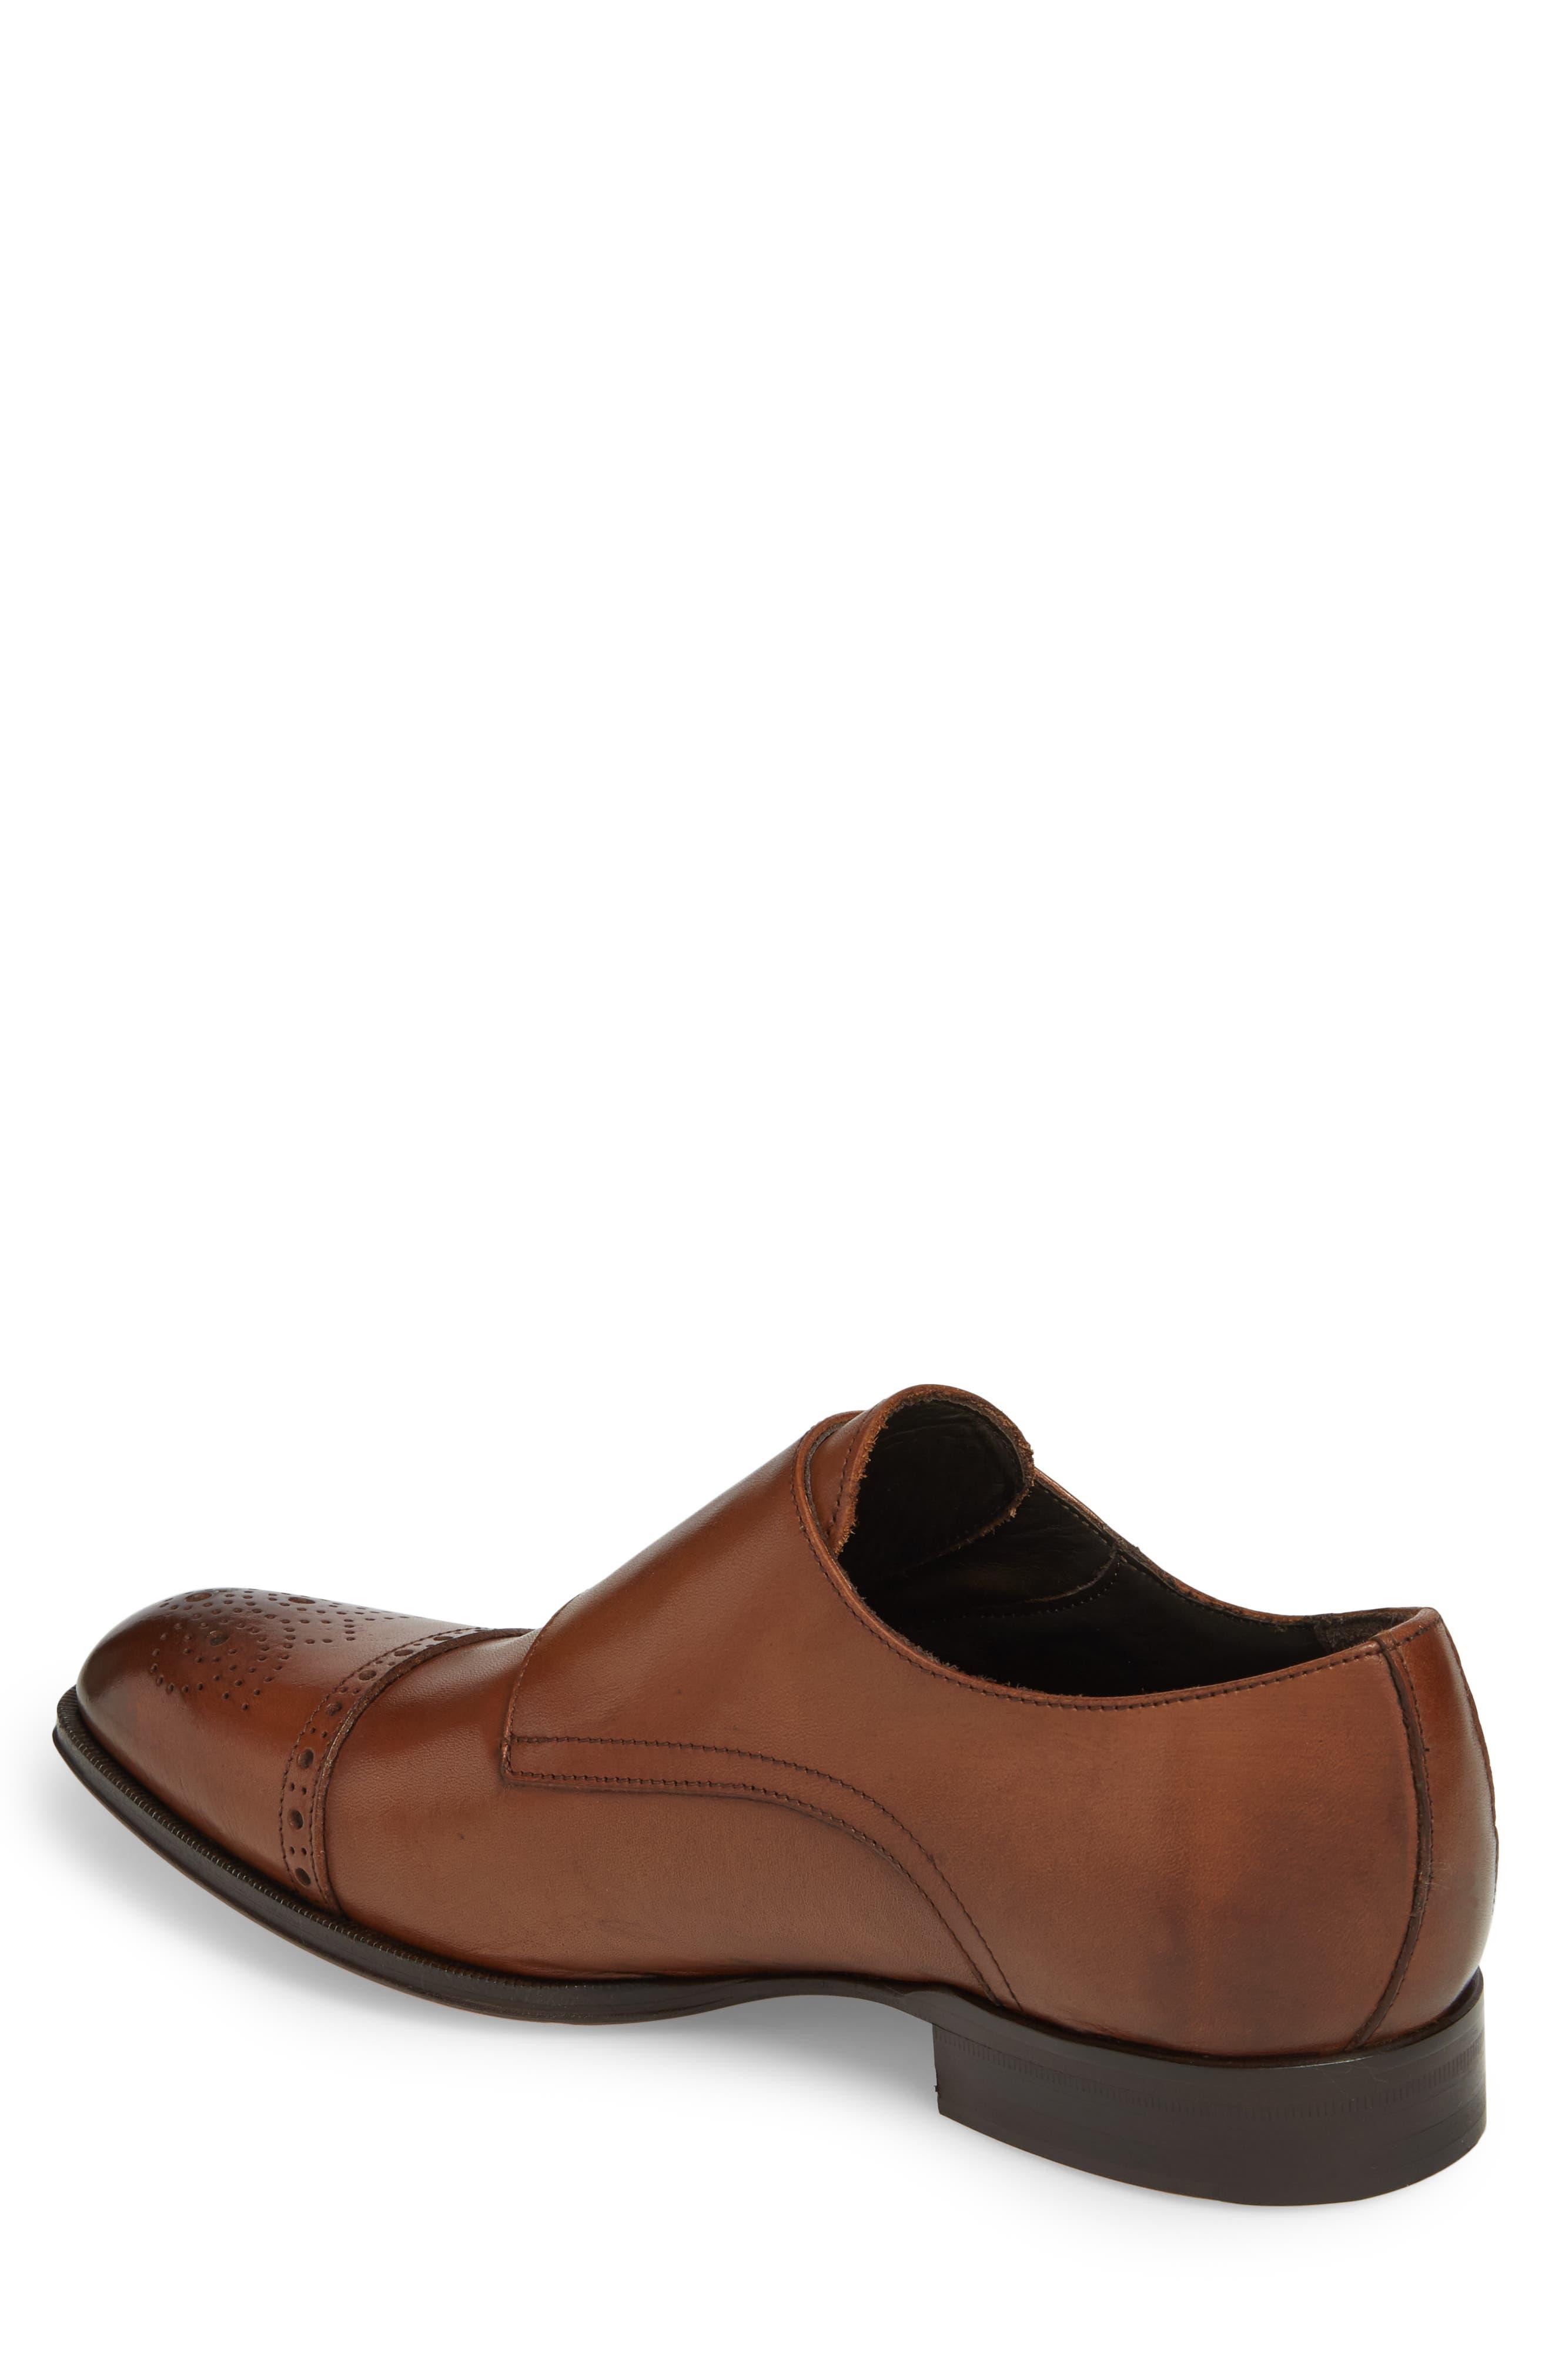 Dreyfus Cap Toe Monk Shoe,                             Alternate thumbnail 2, color,                             Brown